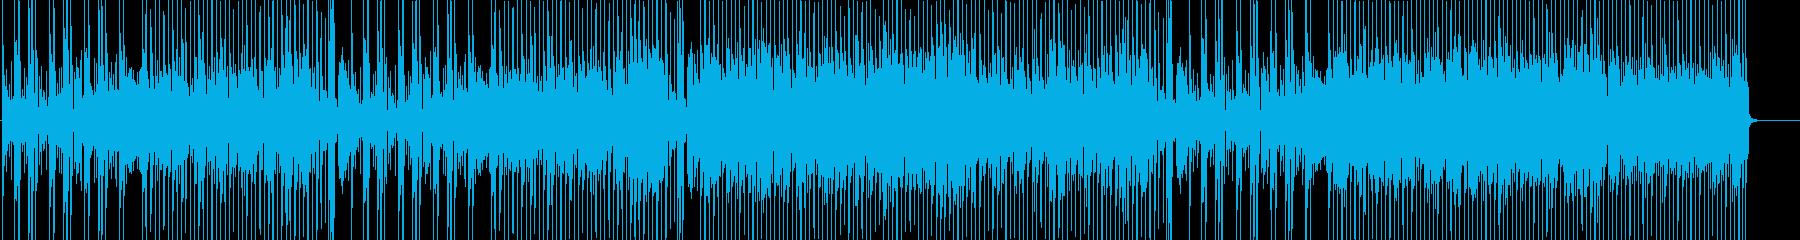 ポップ。ビッグバンドが充実したブル...の再生済みの波形